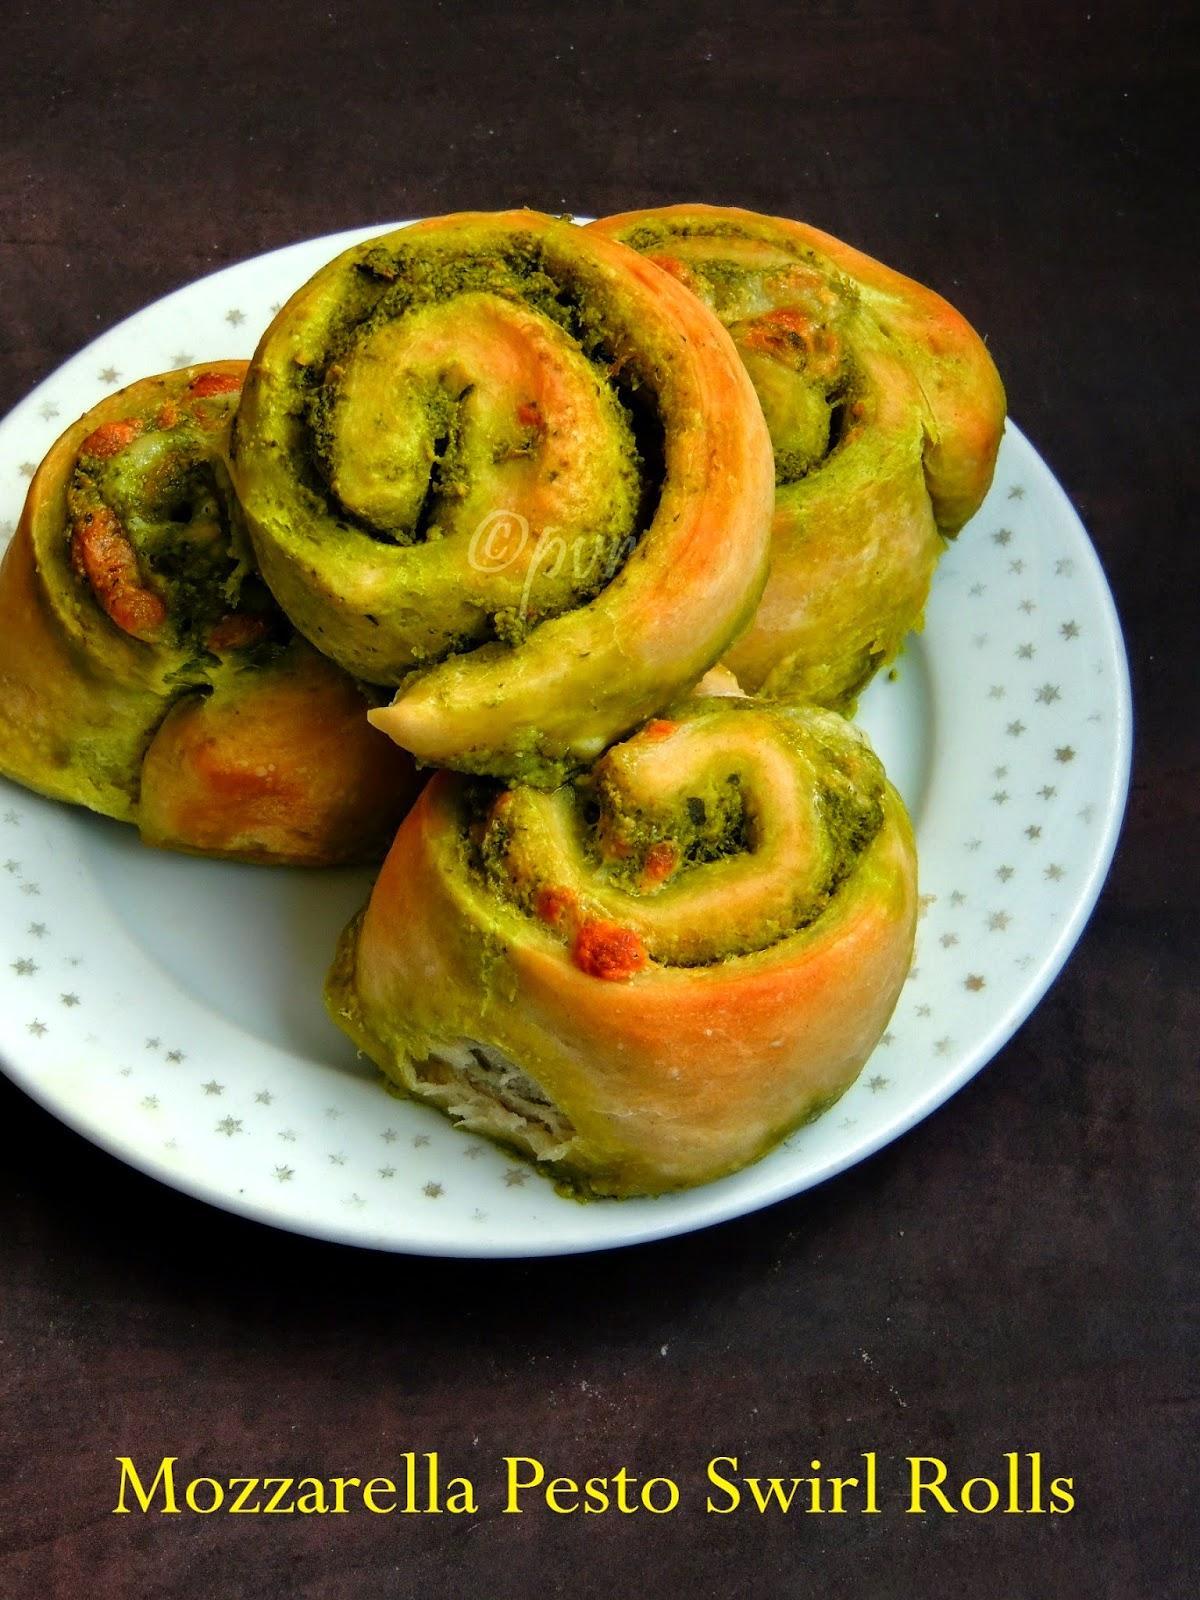 Mozzarella Pesto Swirl Rolls